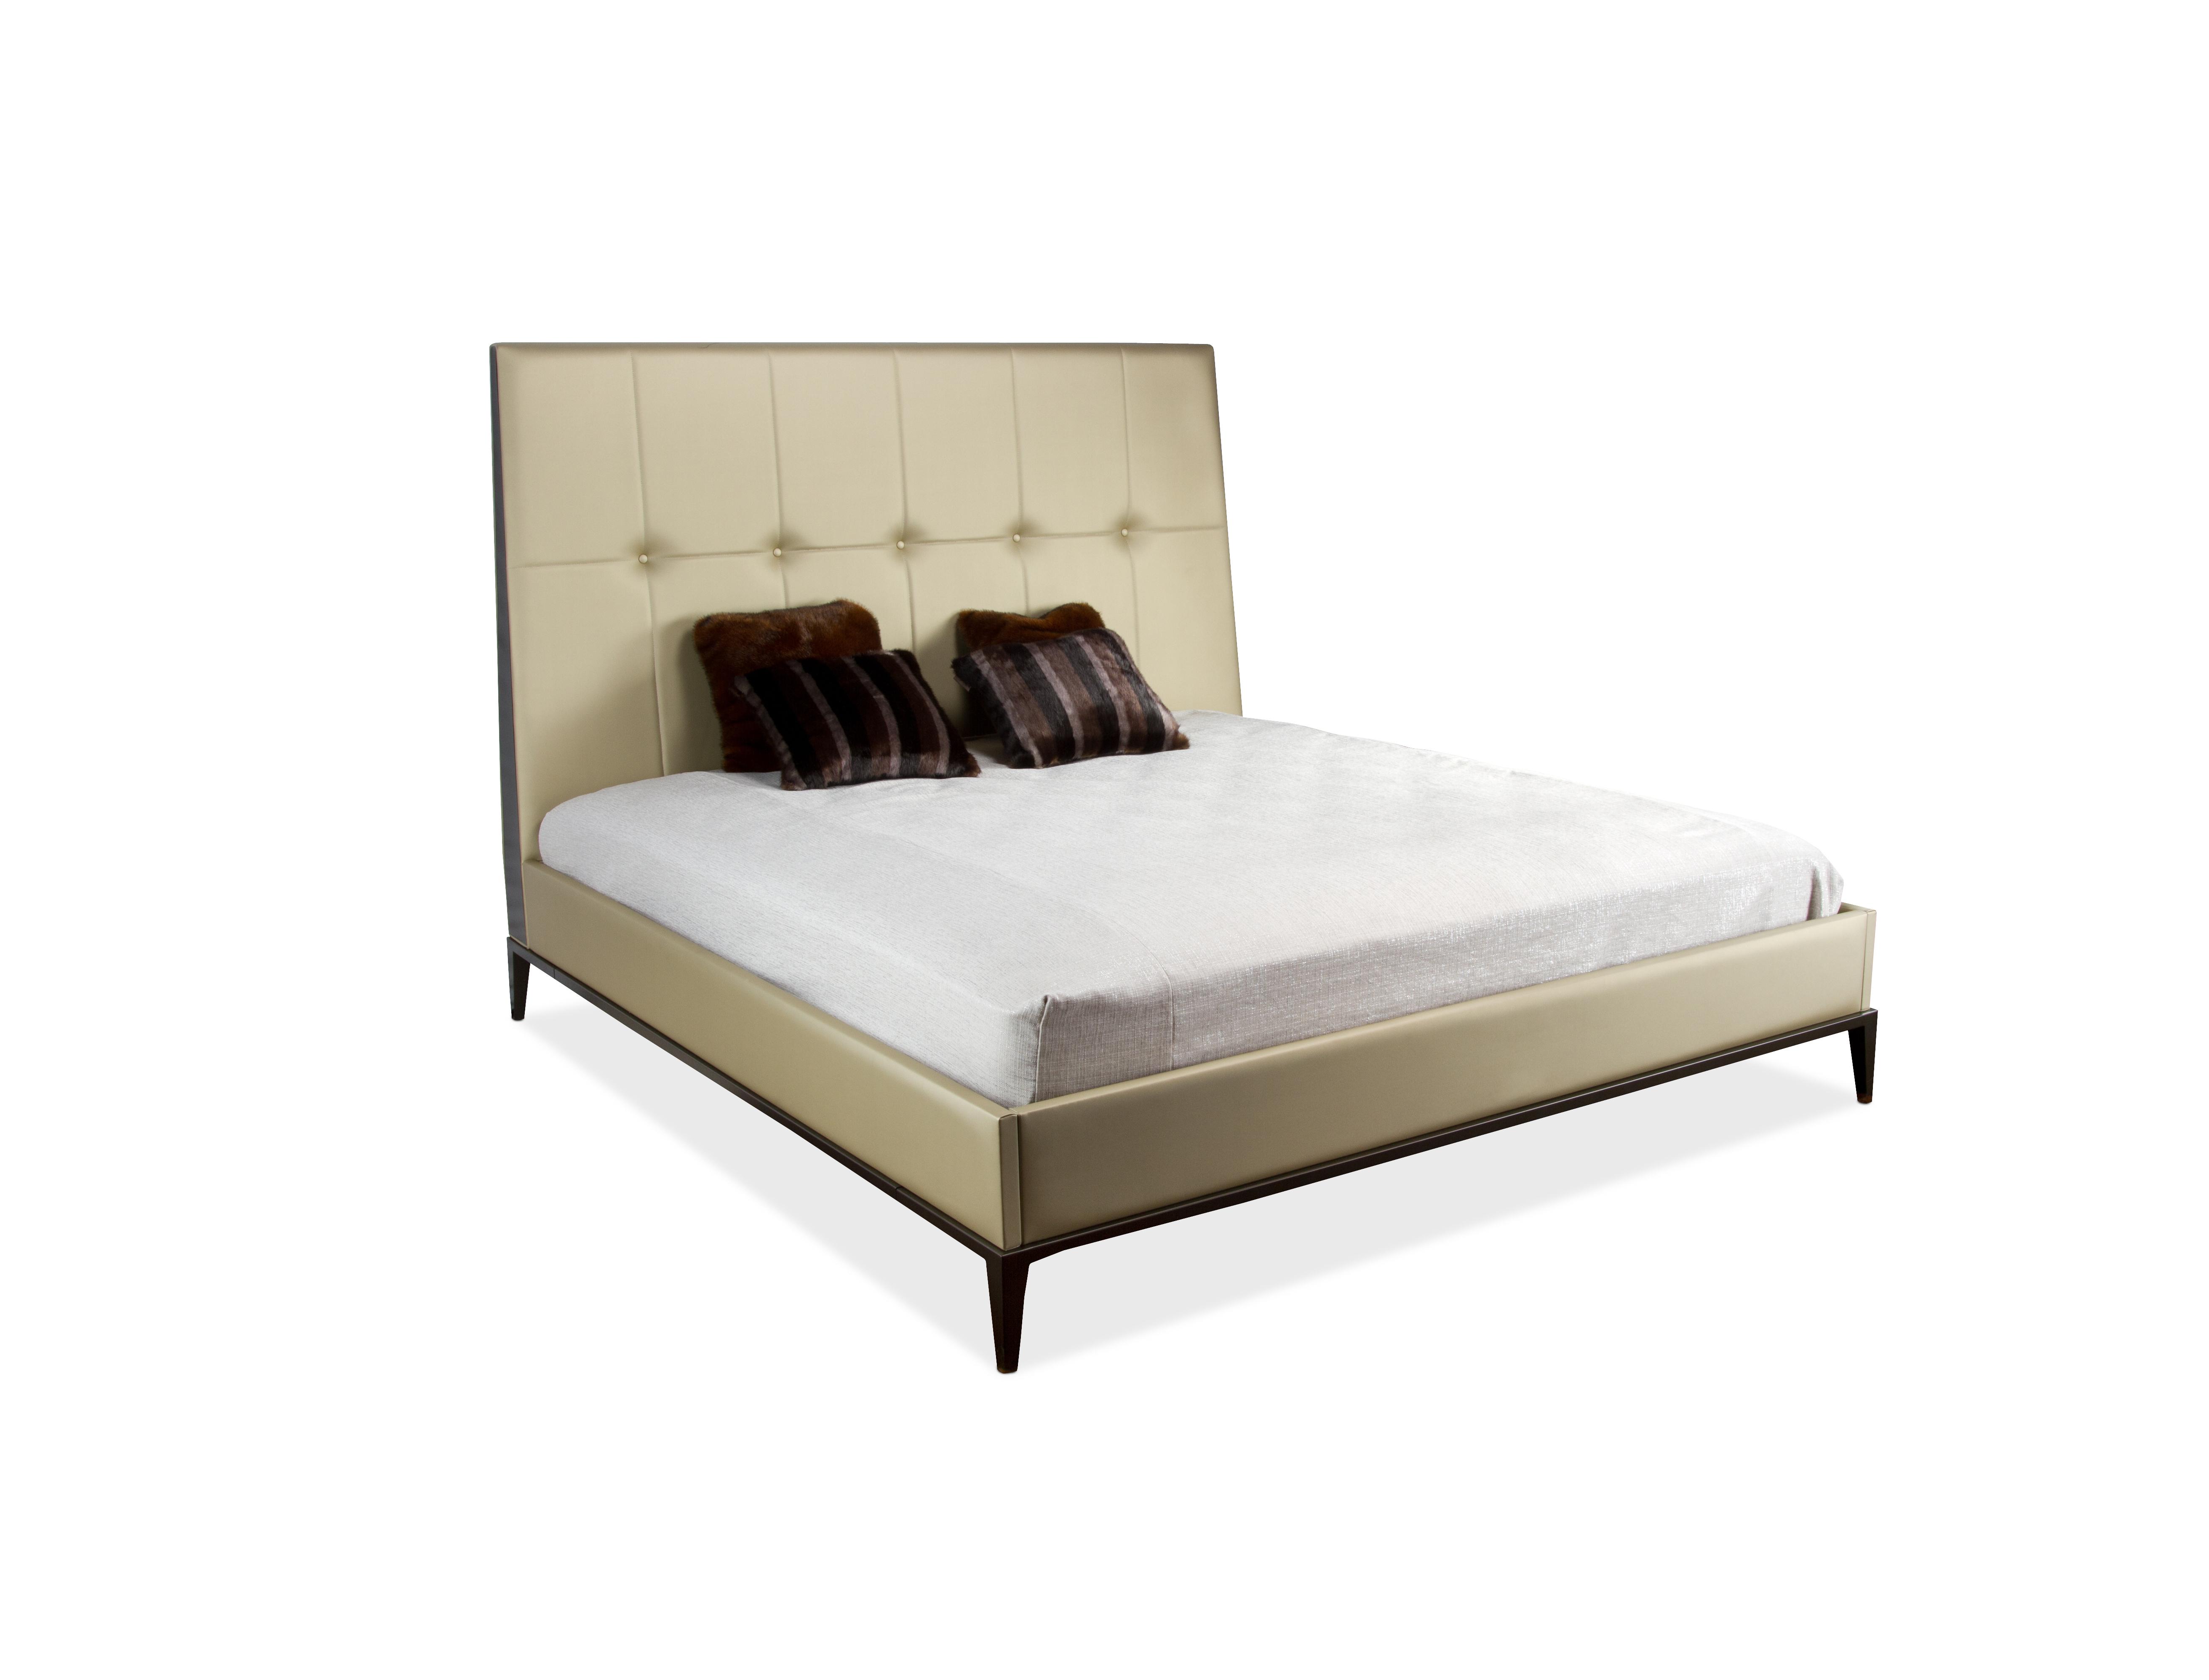 Alta Bedroom Bed overview